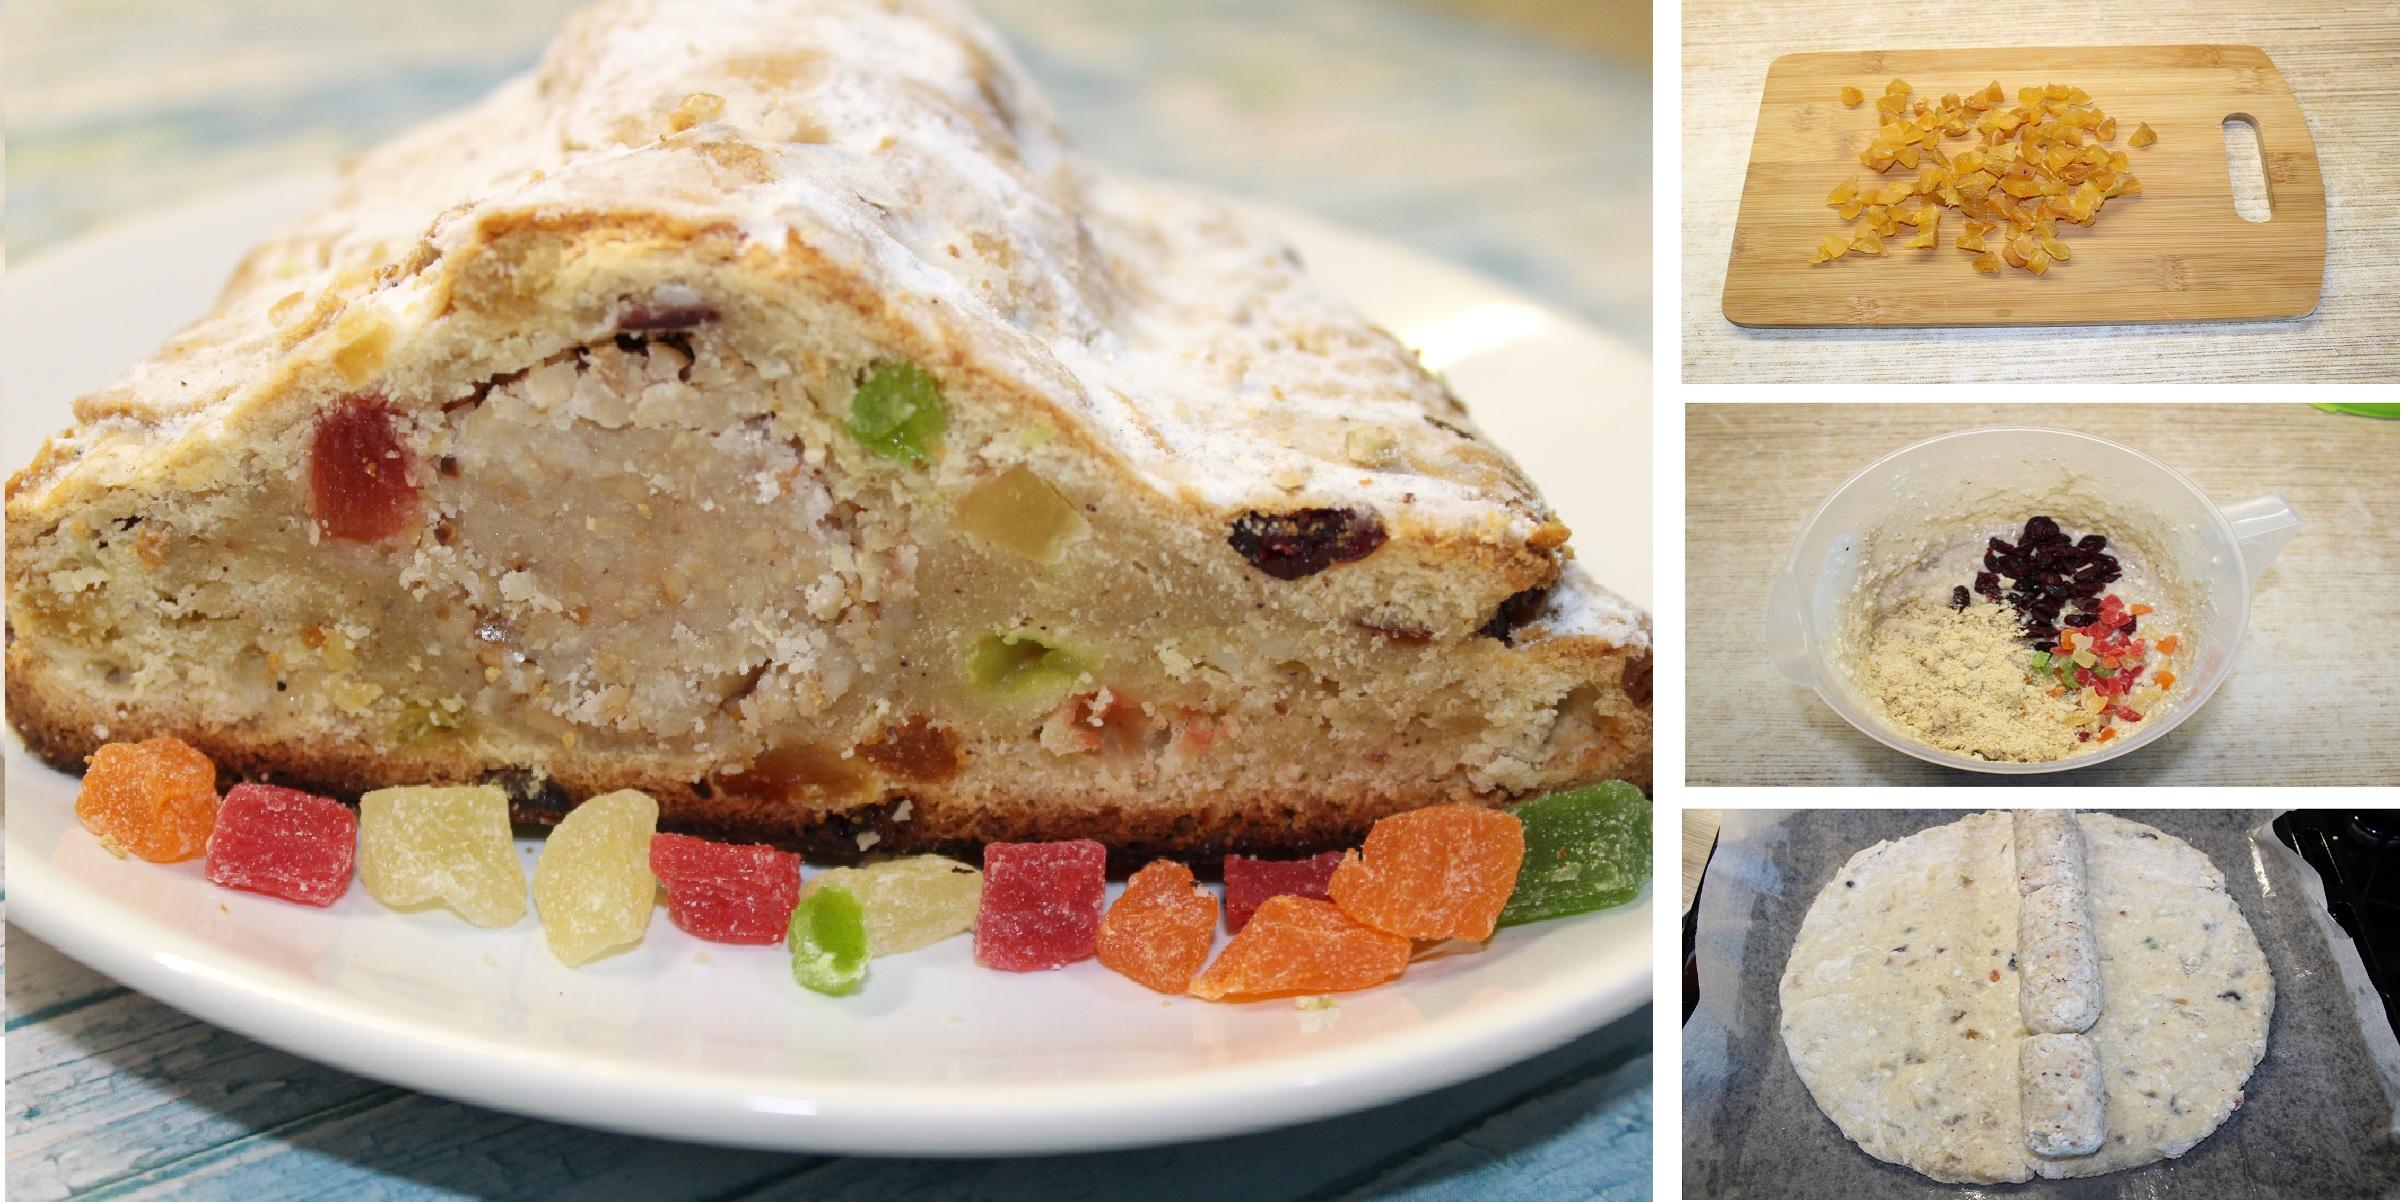 Домашний штоллен с марципаном и цукатами - главное угощение новогодних праздников: пошаговые фото